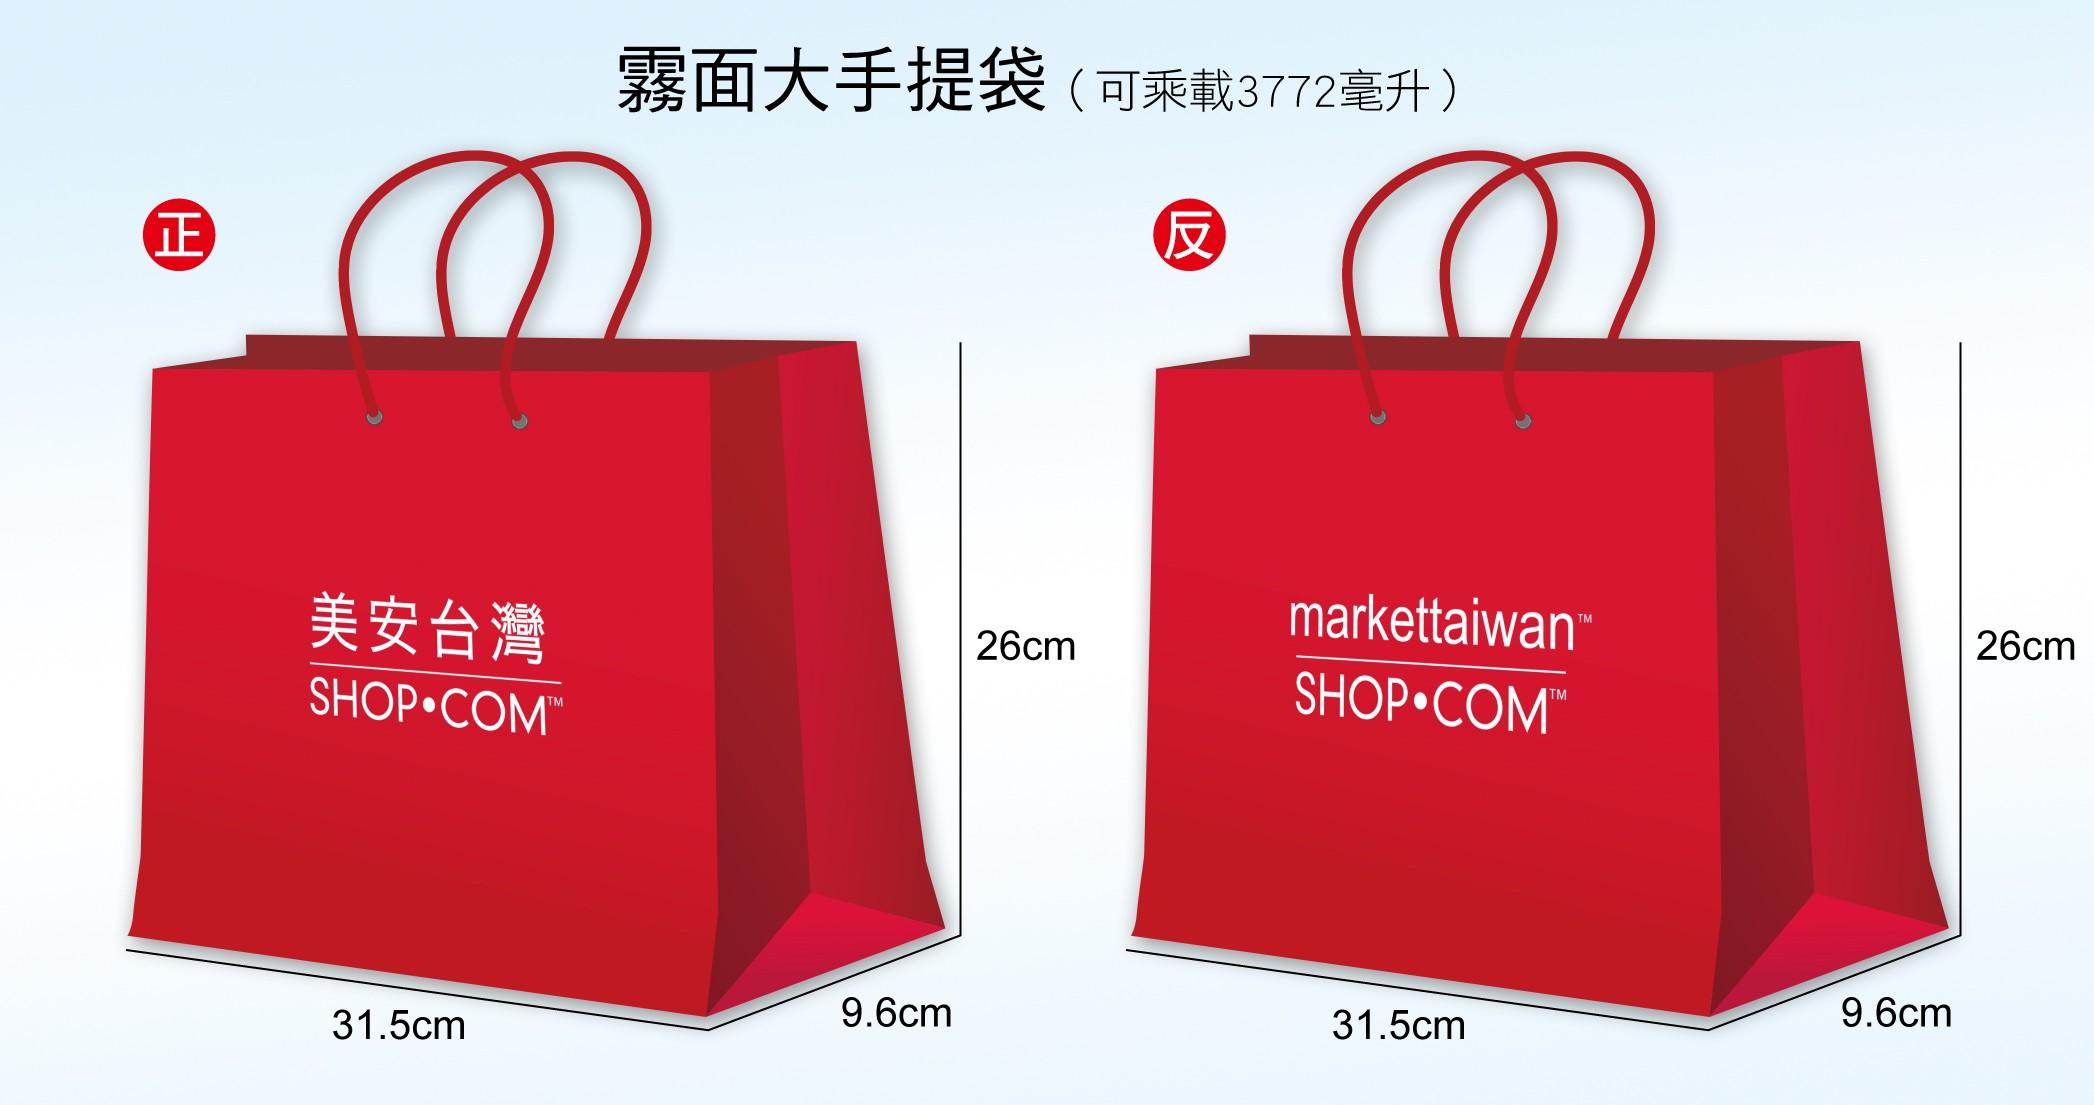 美安紅色霧面大手提袋-31.5x26x9.6cm-(20只1包)